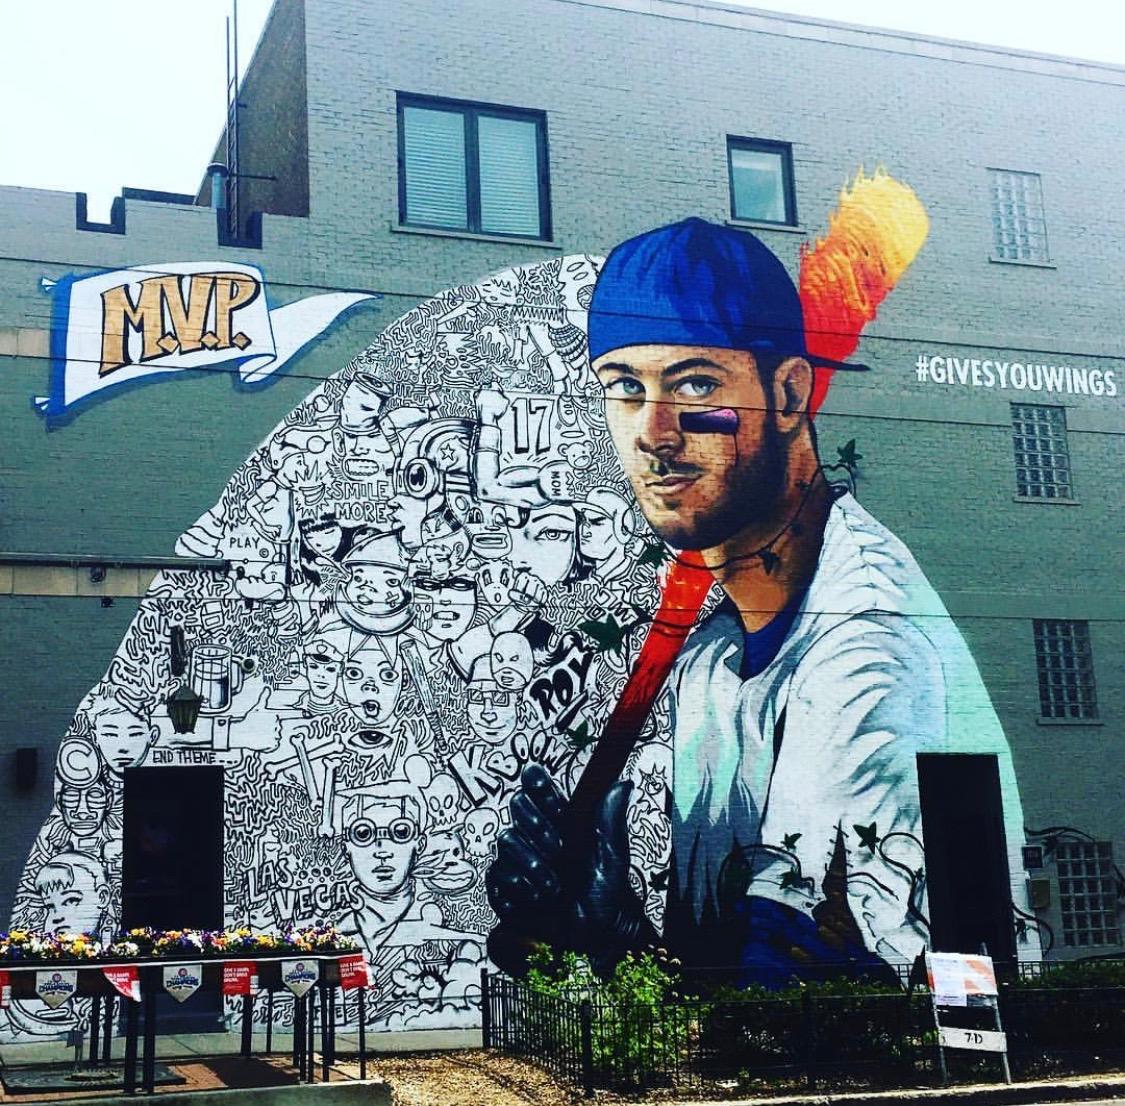 chris-bryant-hebru-brantley-max-sansing-street-art-wrigleyville.jpg